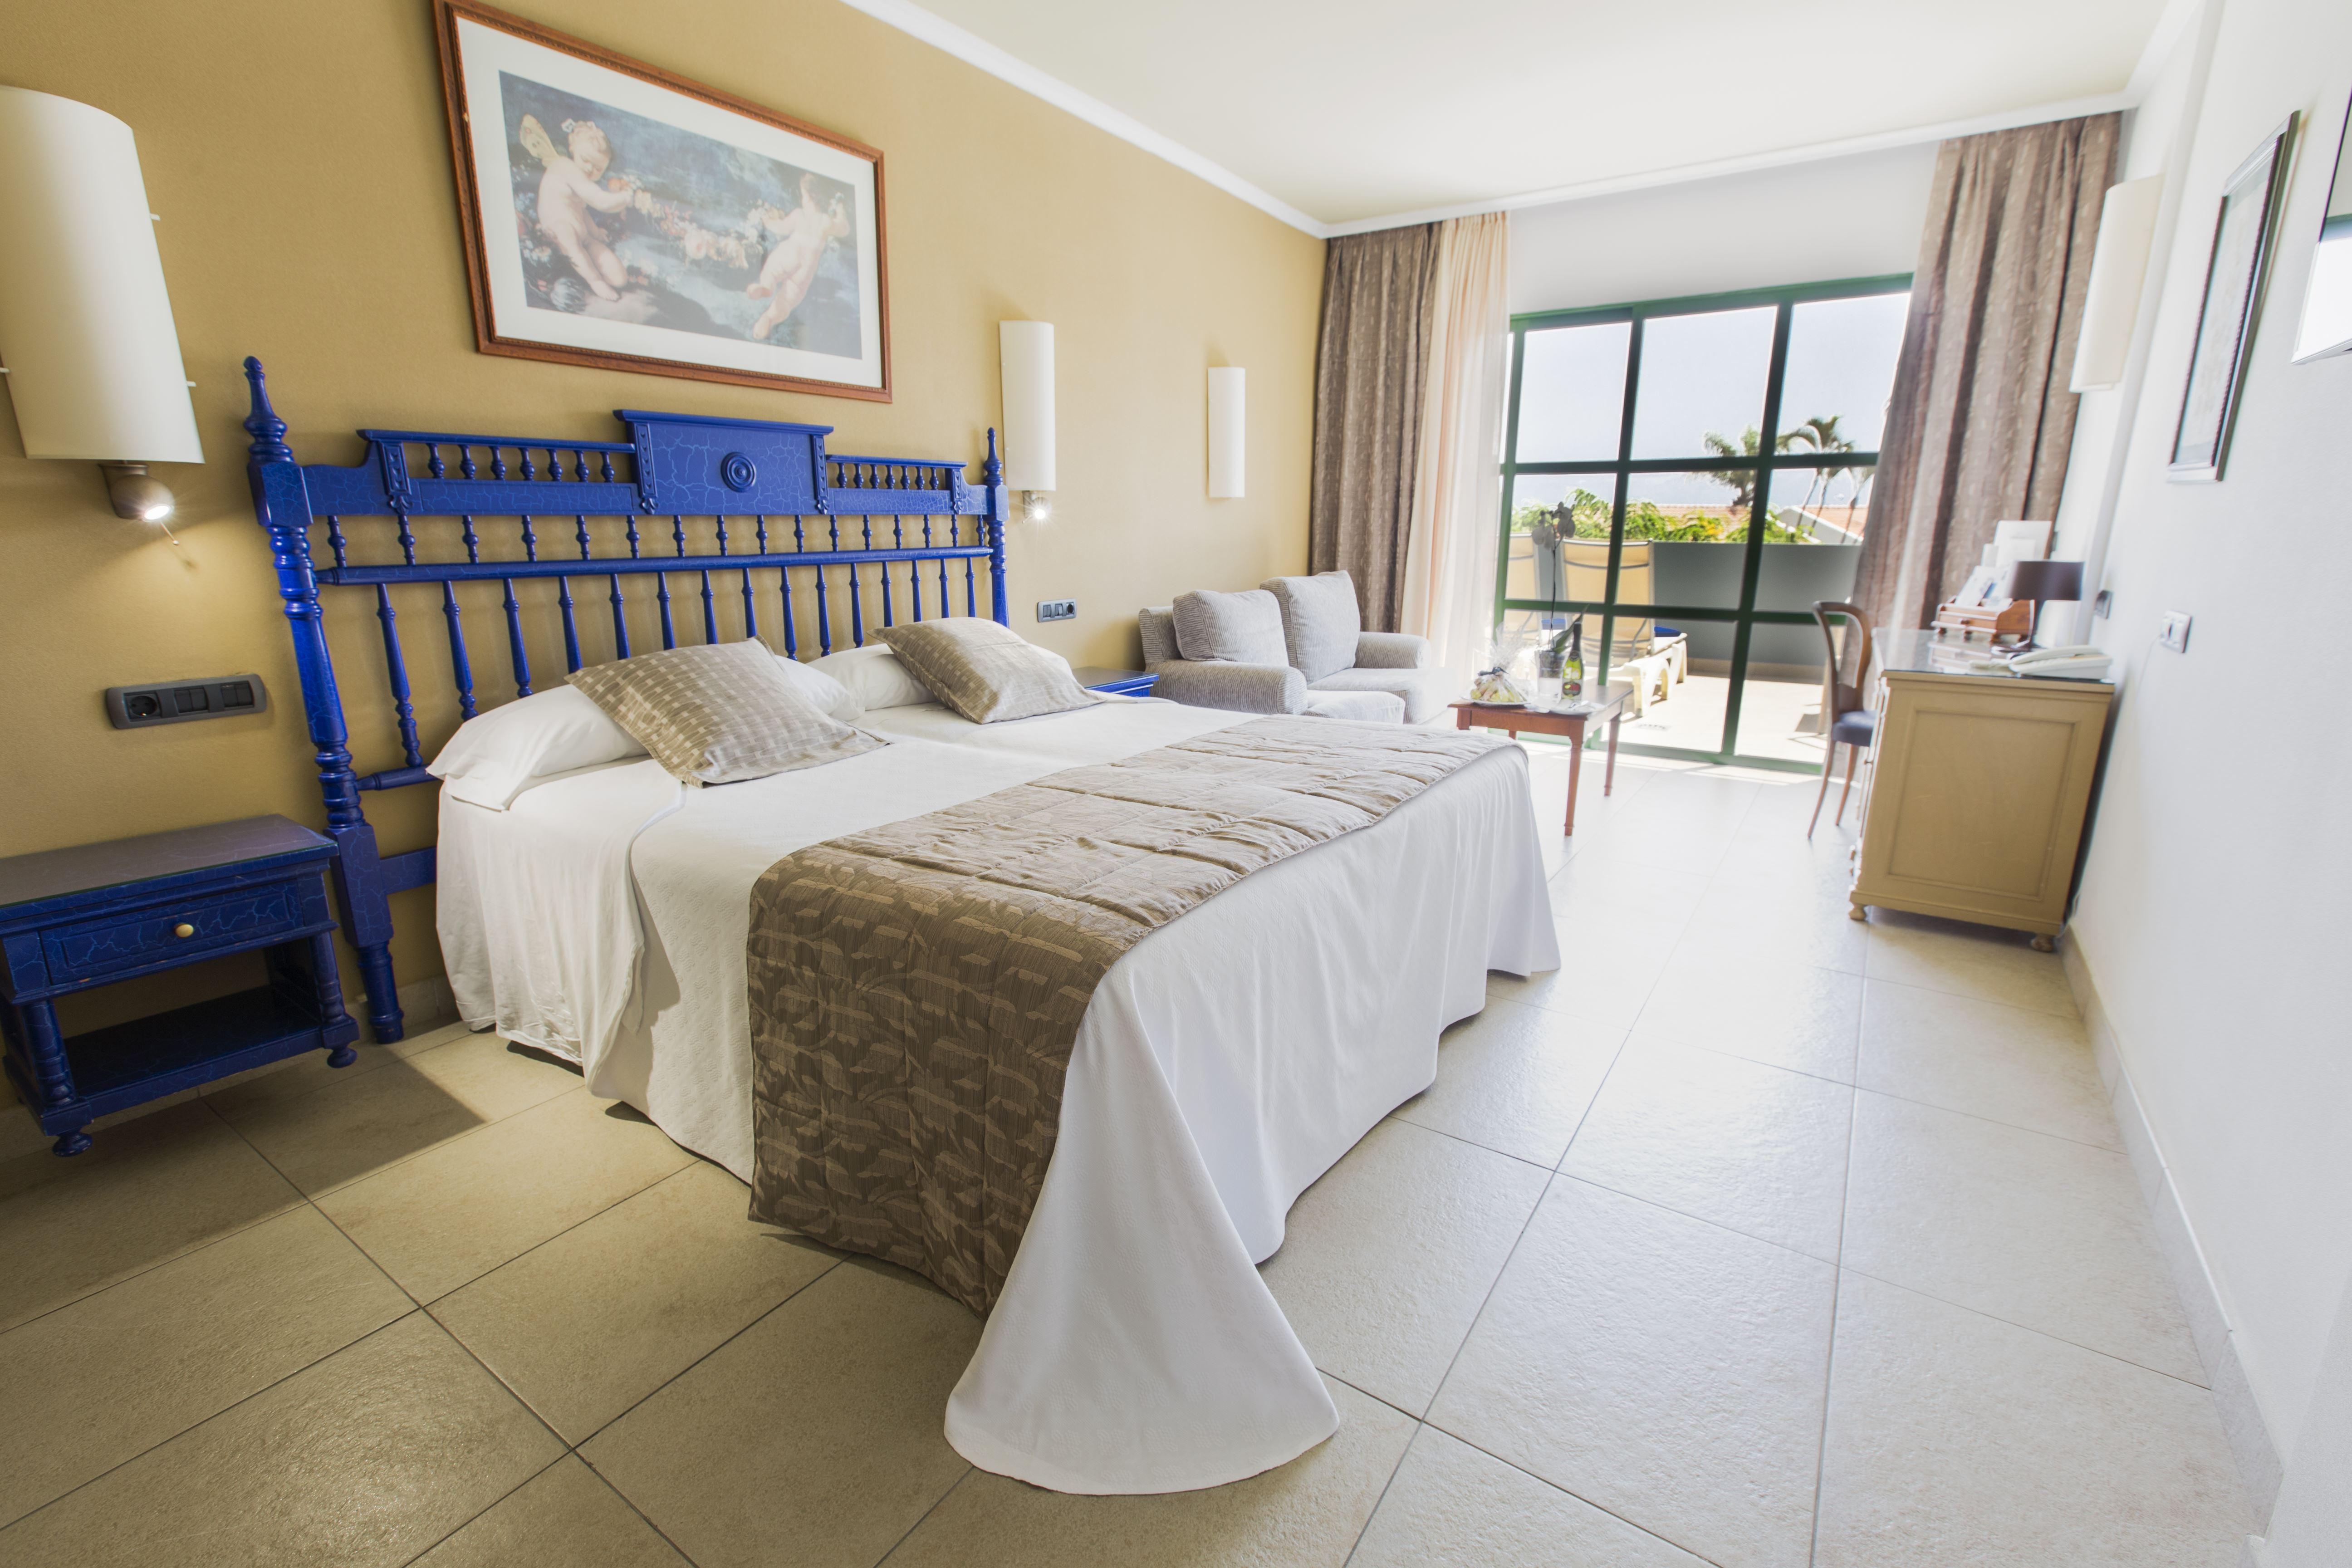 Dubbelrum superior Hotell Colon Guanahany, Playa de las Americas Teneriffa